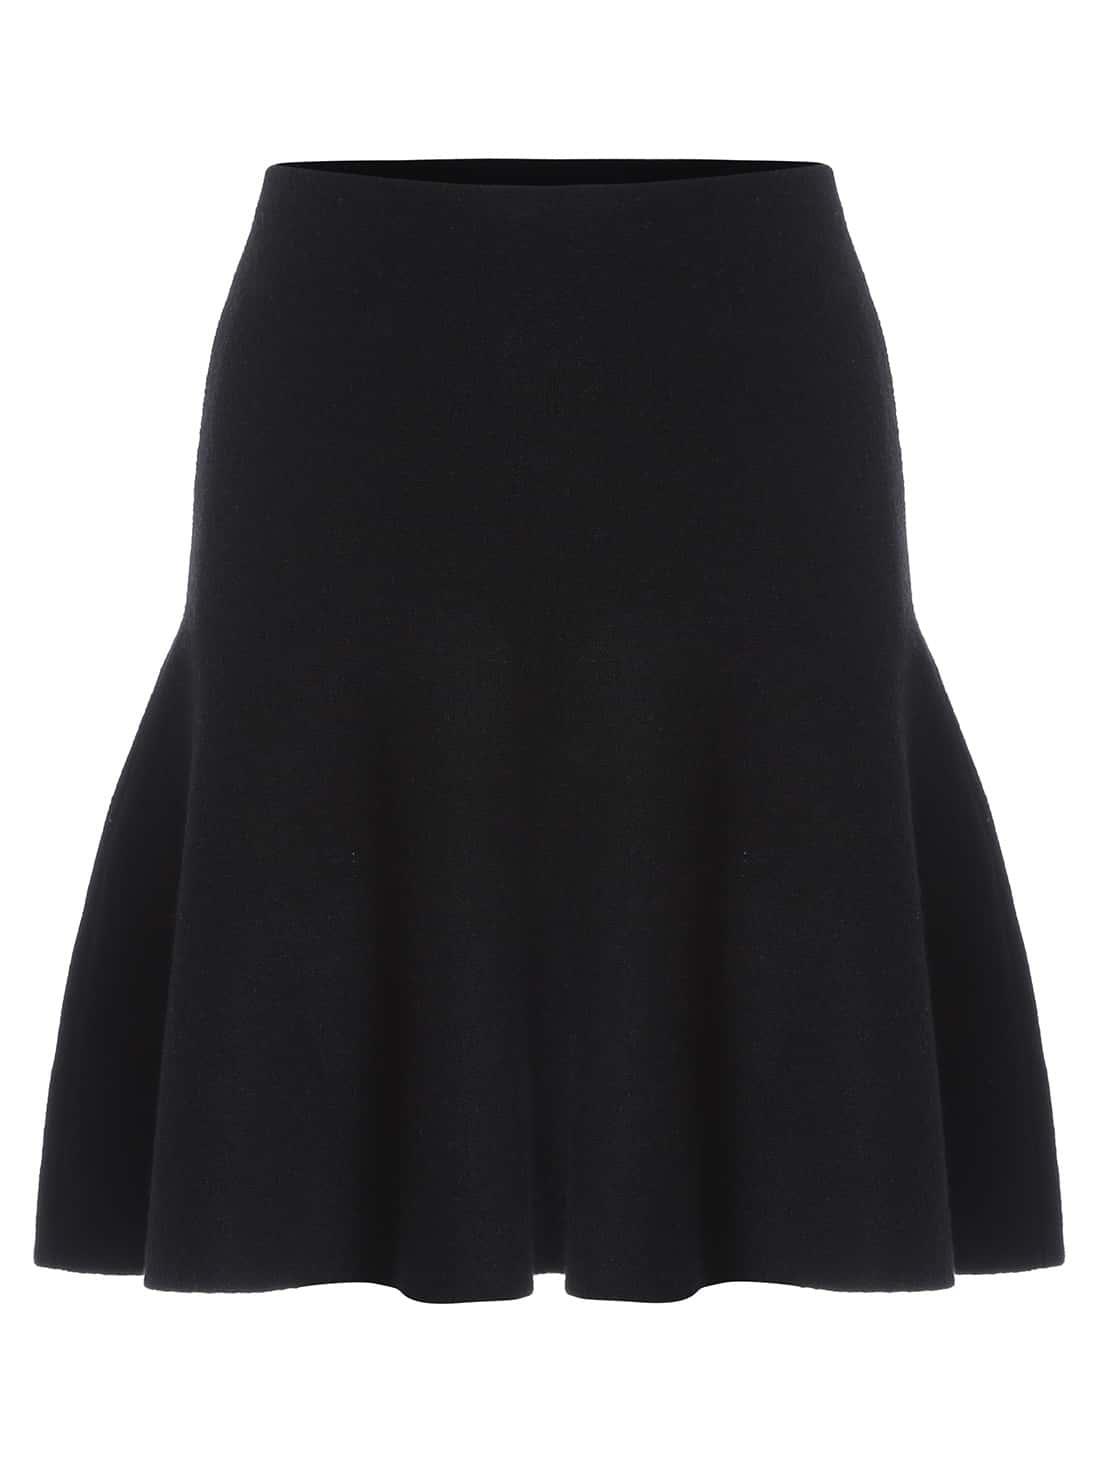 Black High Waist A Line Skirt